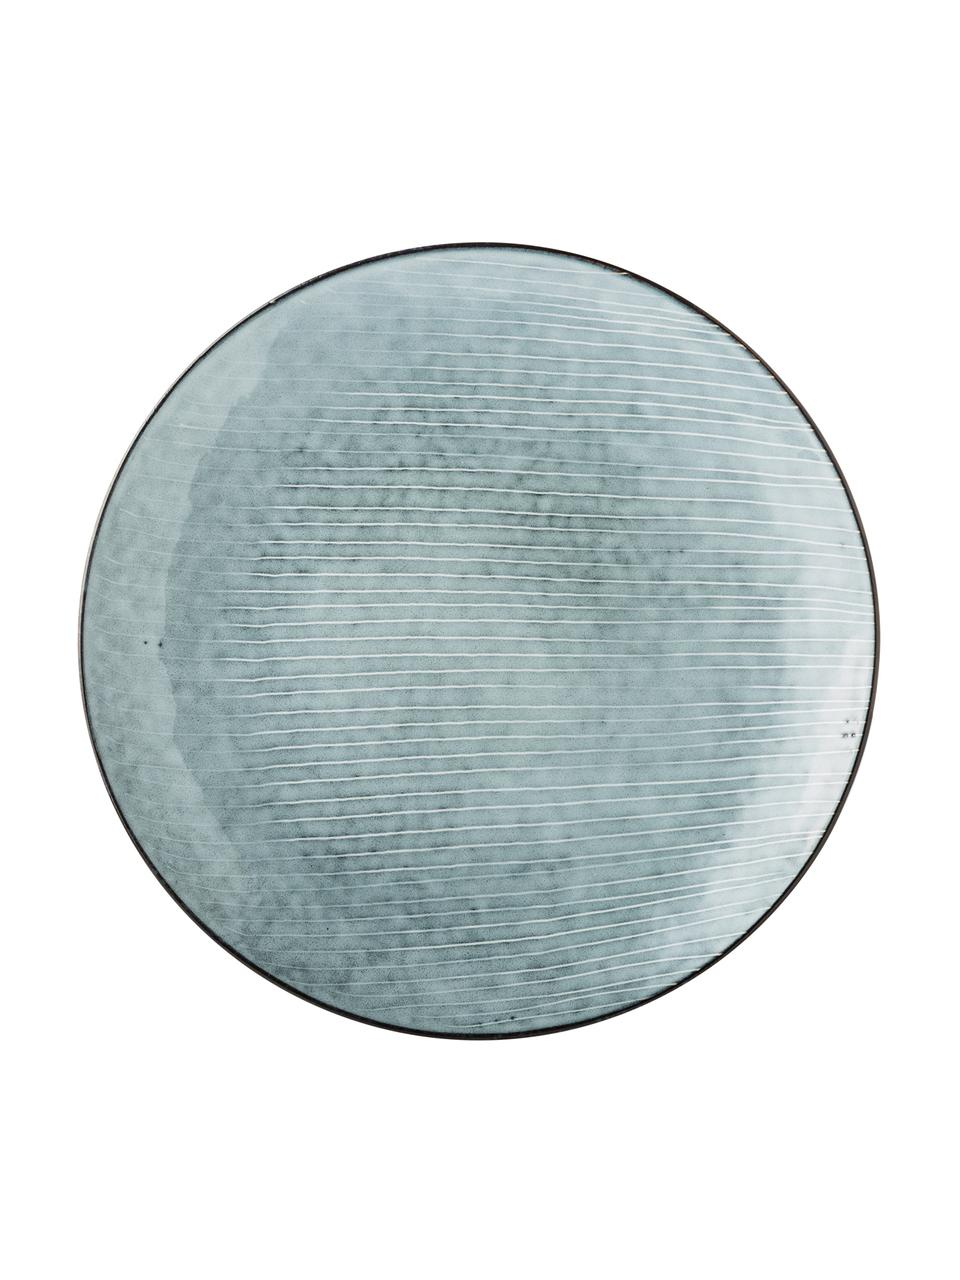 Handgemaakte onderborden Nordic Sea, 4 stuks, Keramiek, Grijs- en blauwtinten, Ø 31 cm